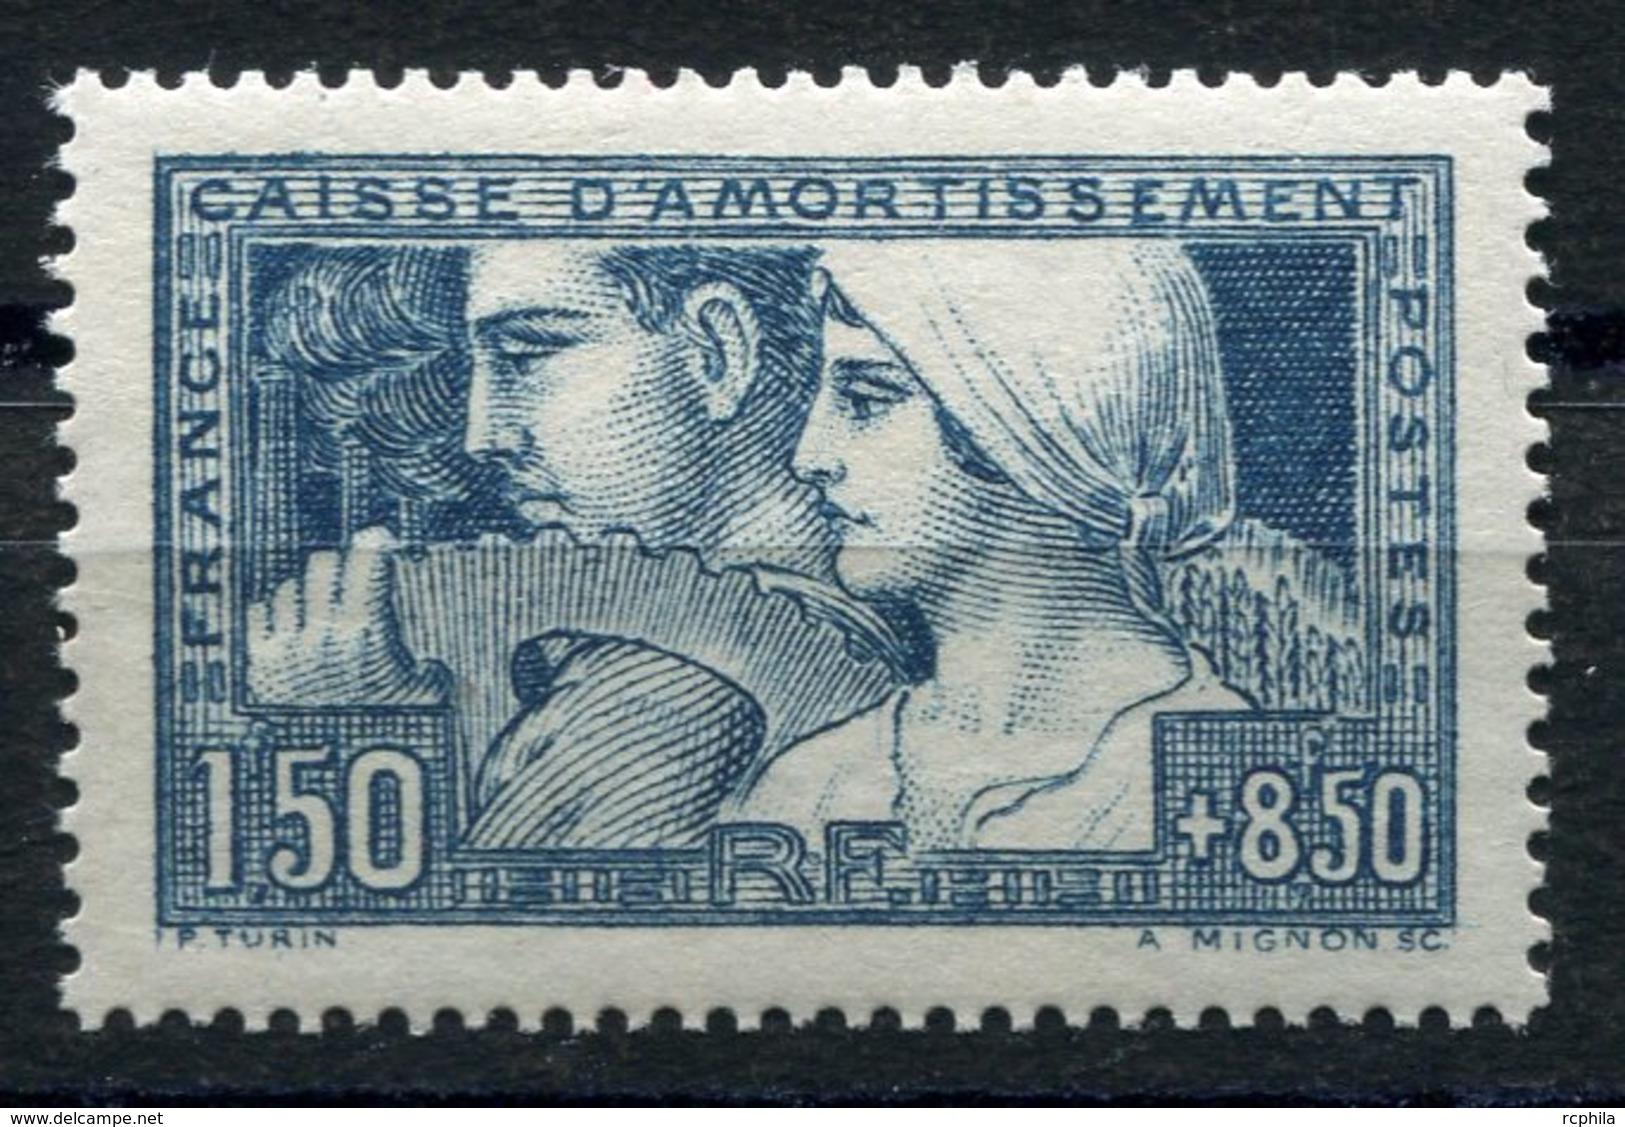 RC 10620 FRANCE N° 252 CAISSE D'AMORTISSEMENT LE TRAVAIL ETAT III COTE 180€ NEUF * TB - France